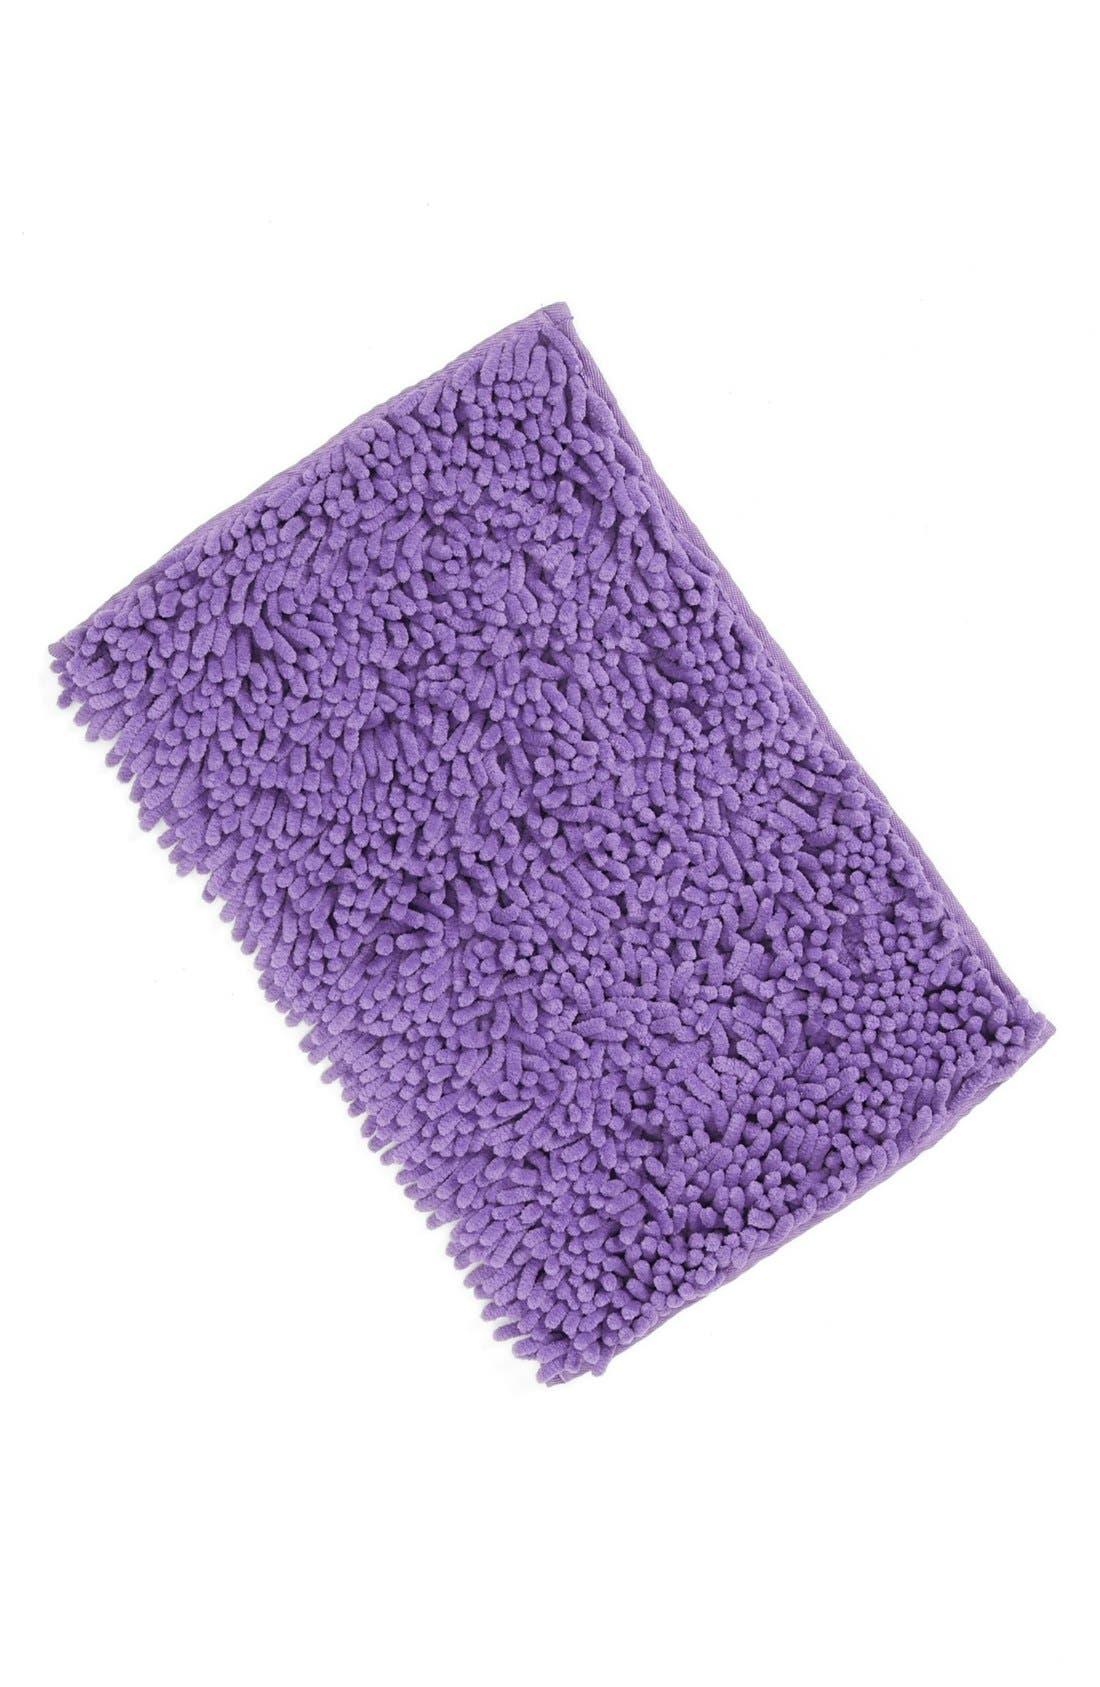 Main Image - 3C4G Shaggy Locker Carpet